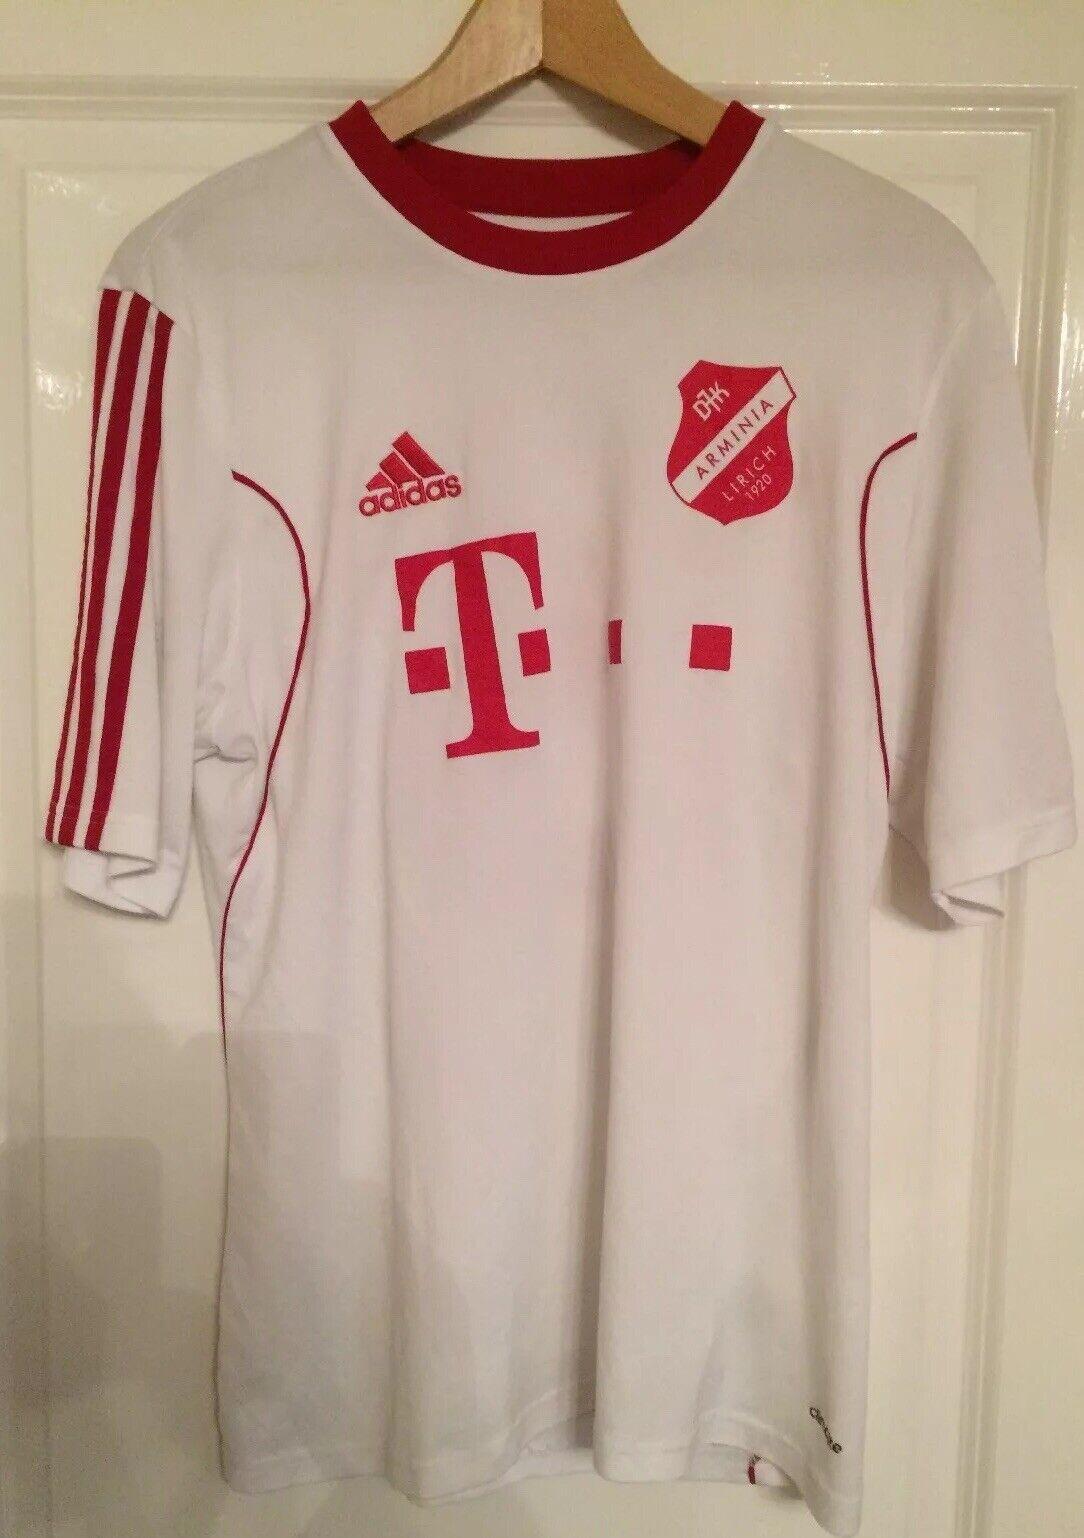 MATCH WORN CALCIO Arminia lirich footbtutti shirt tedesche nonLEAGUE  5 WITT adulto 40